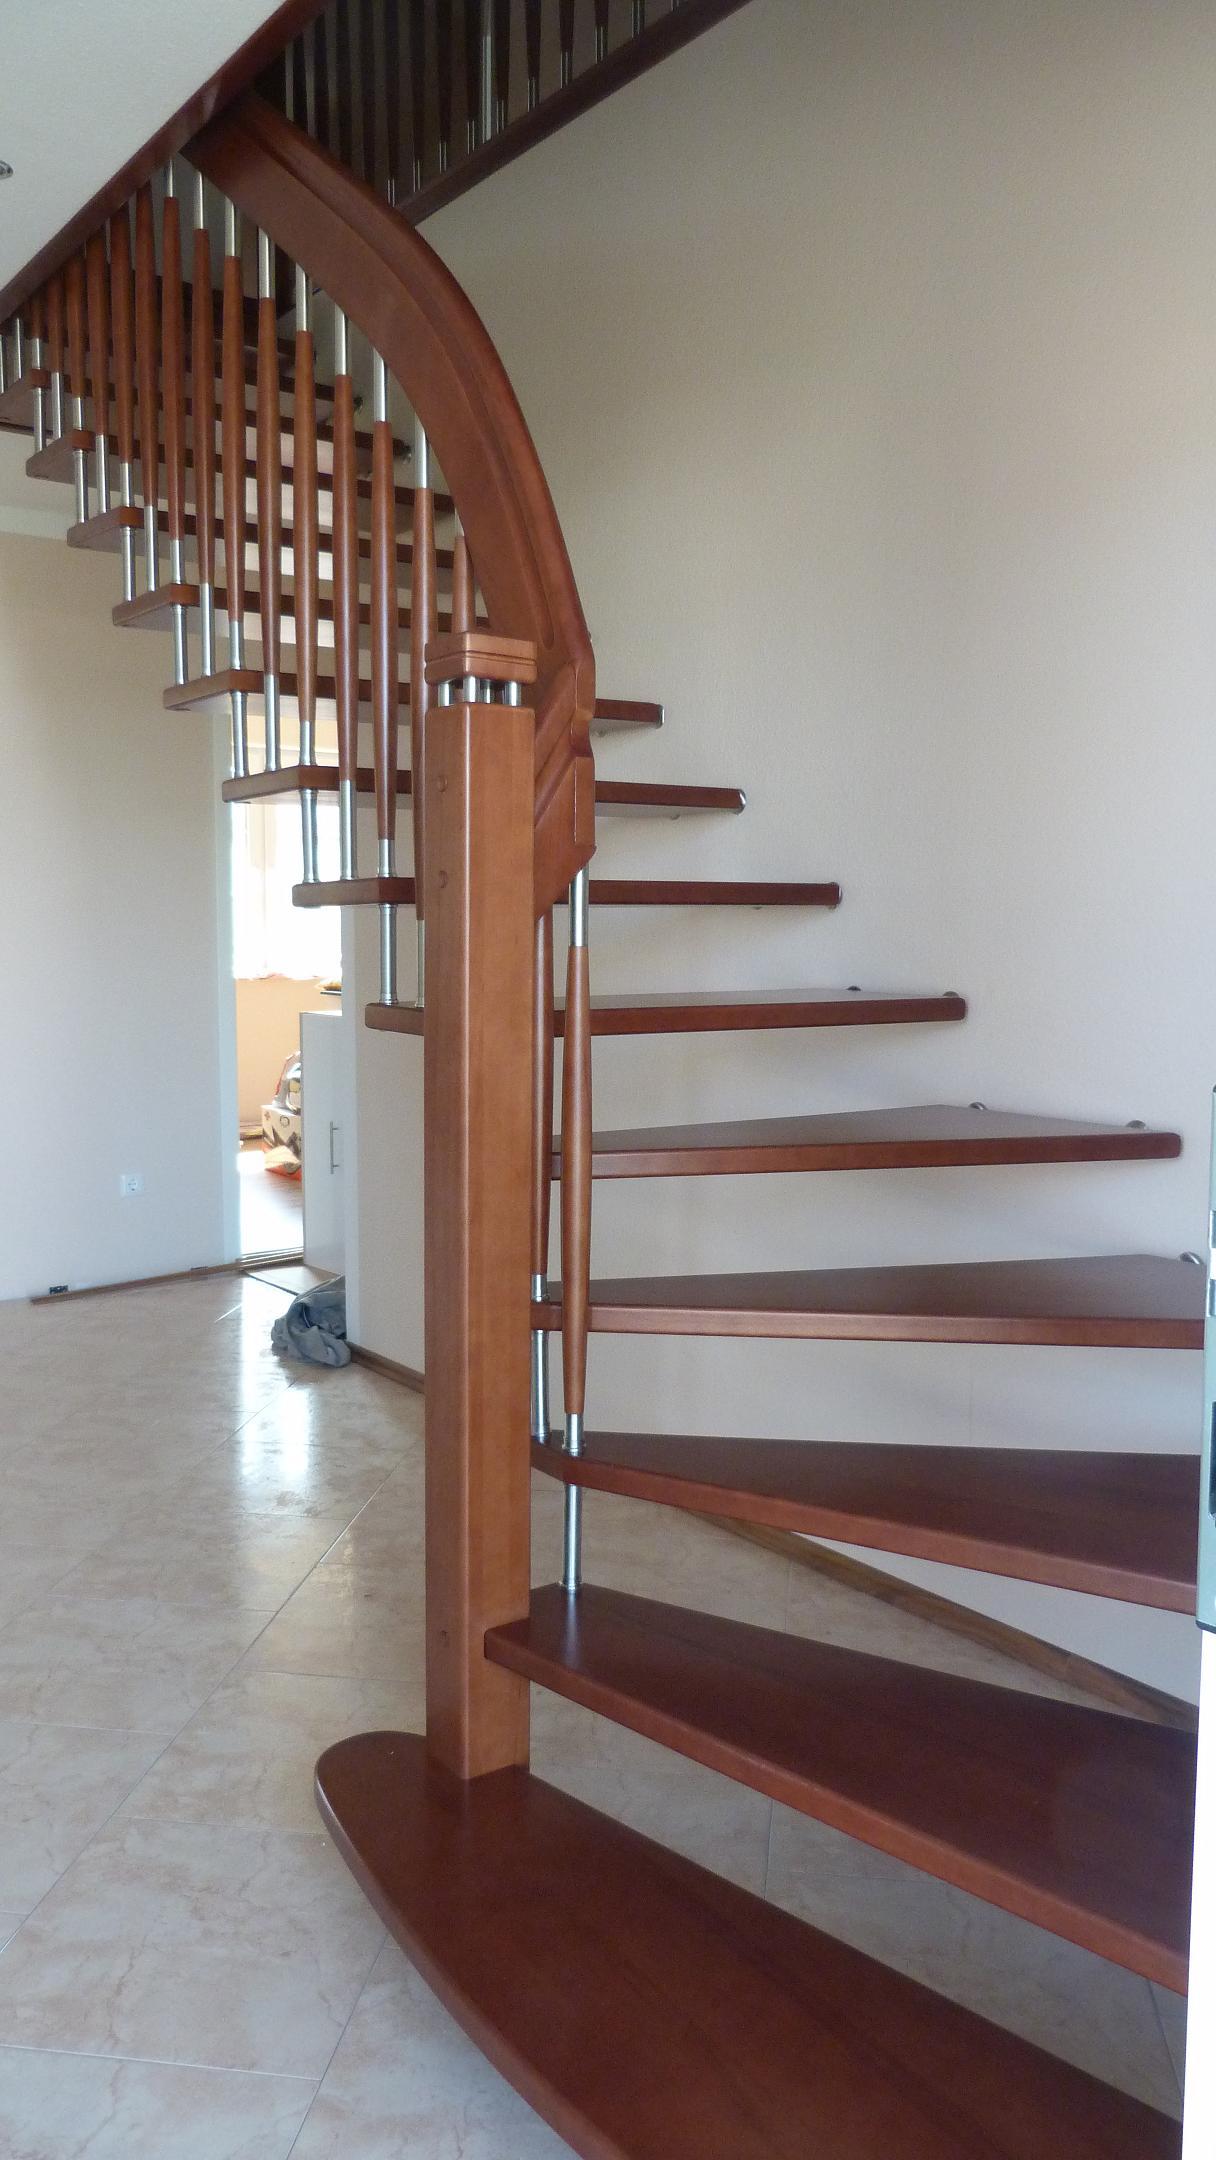 175 Freitragende Treppe Massivholz Kernbuche Farbe dunkel Nussbaum